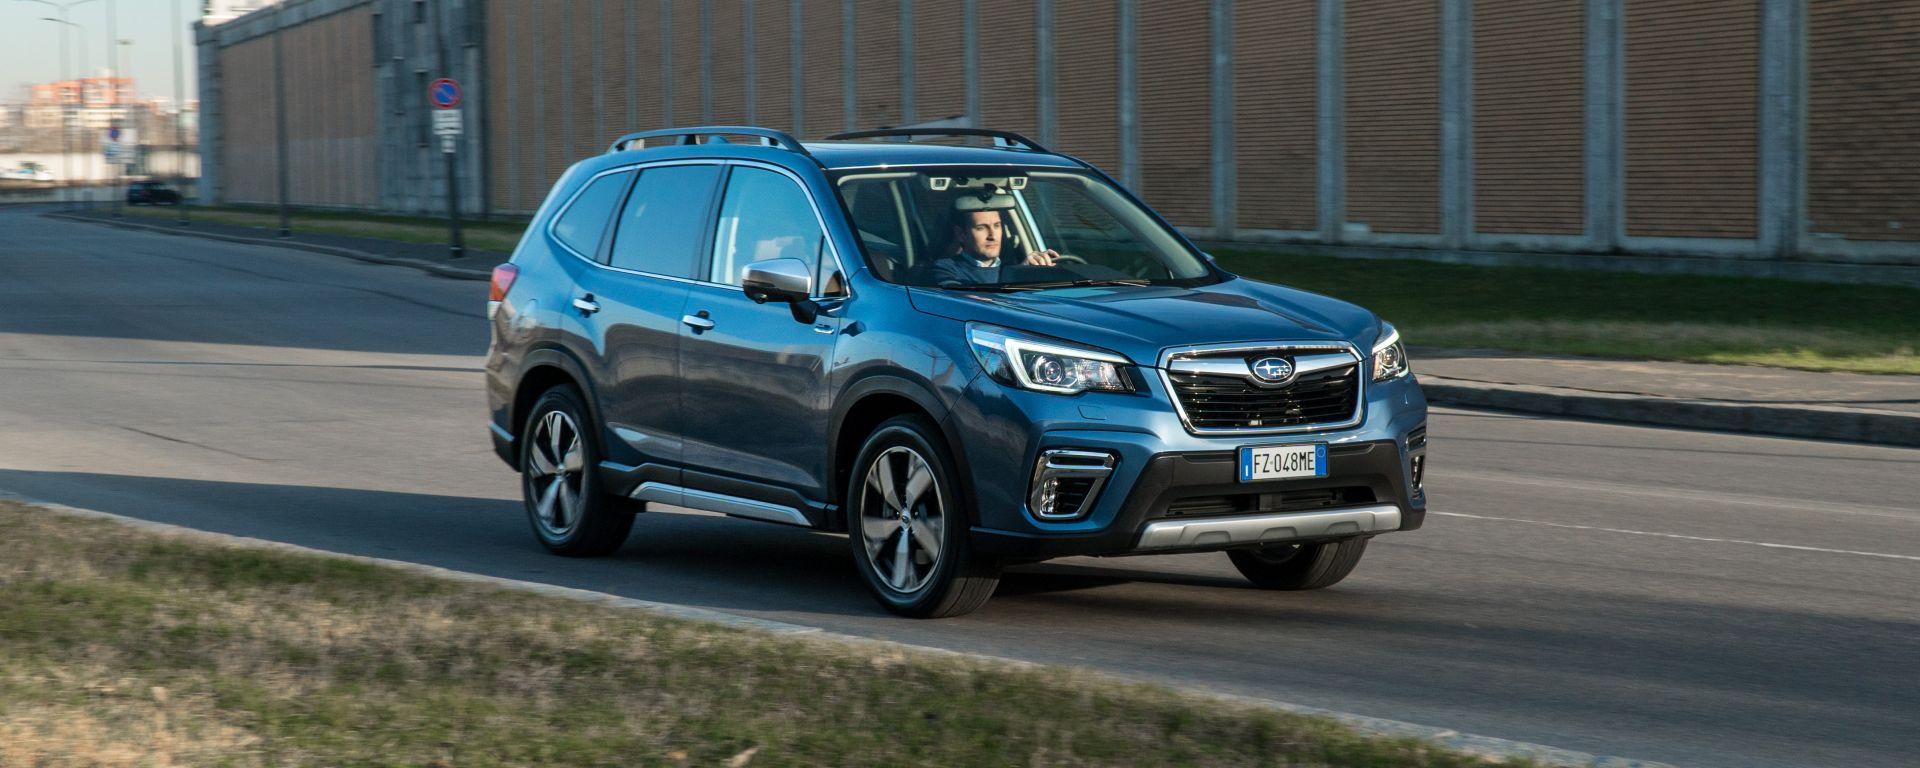 Subaru Forester e-Boxer Premium: la prova su strada